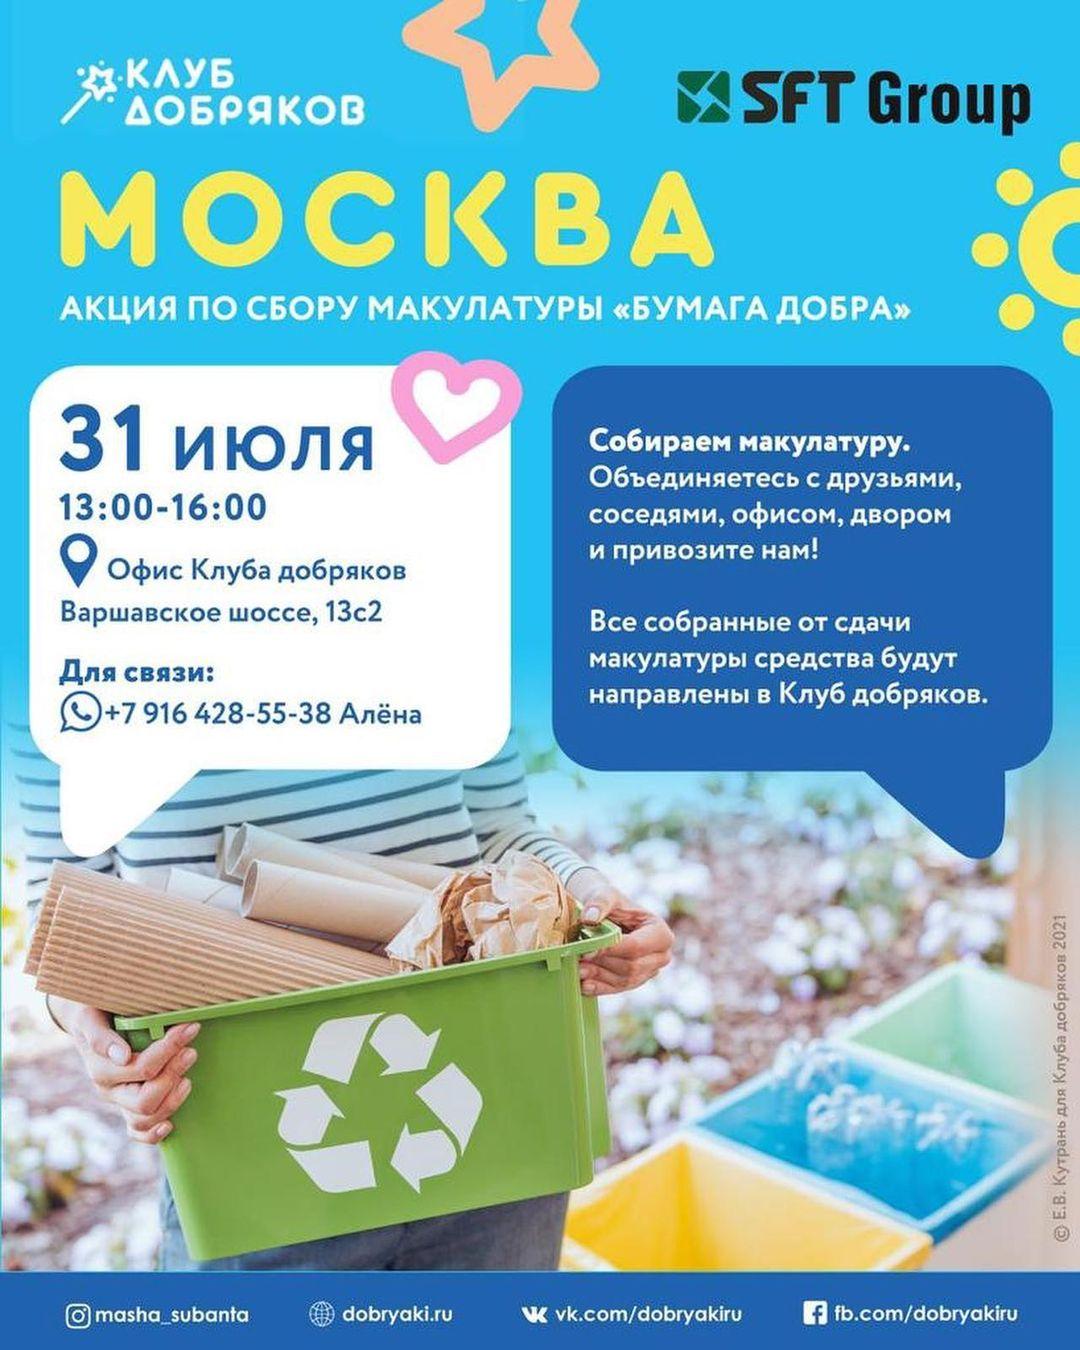 Добряки Москвы собирают макулатуру